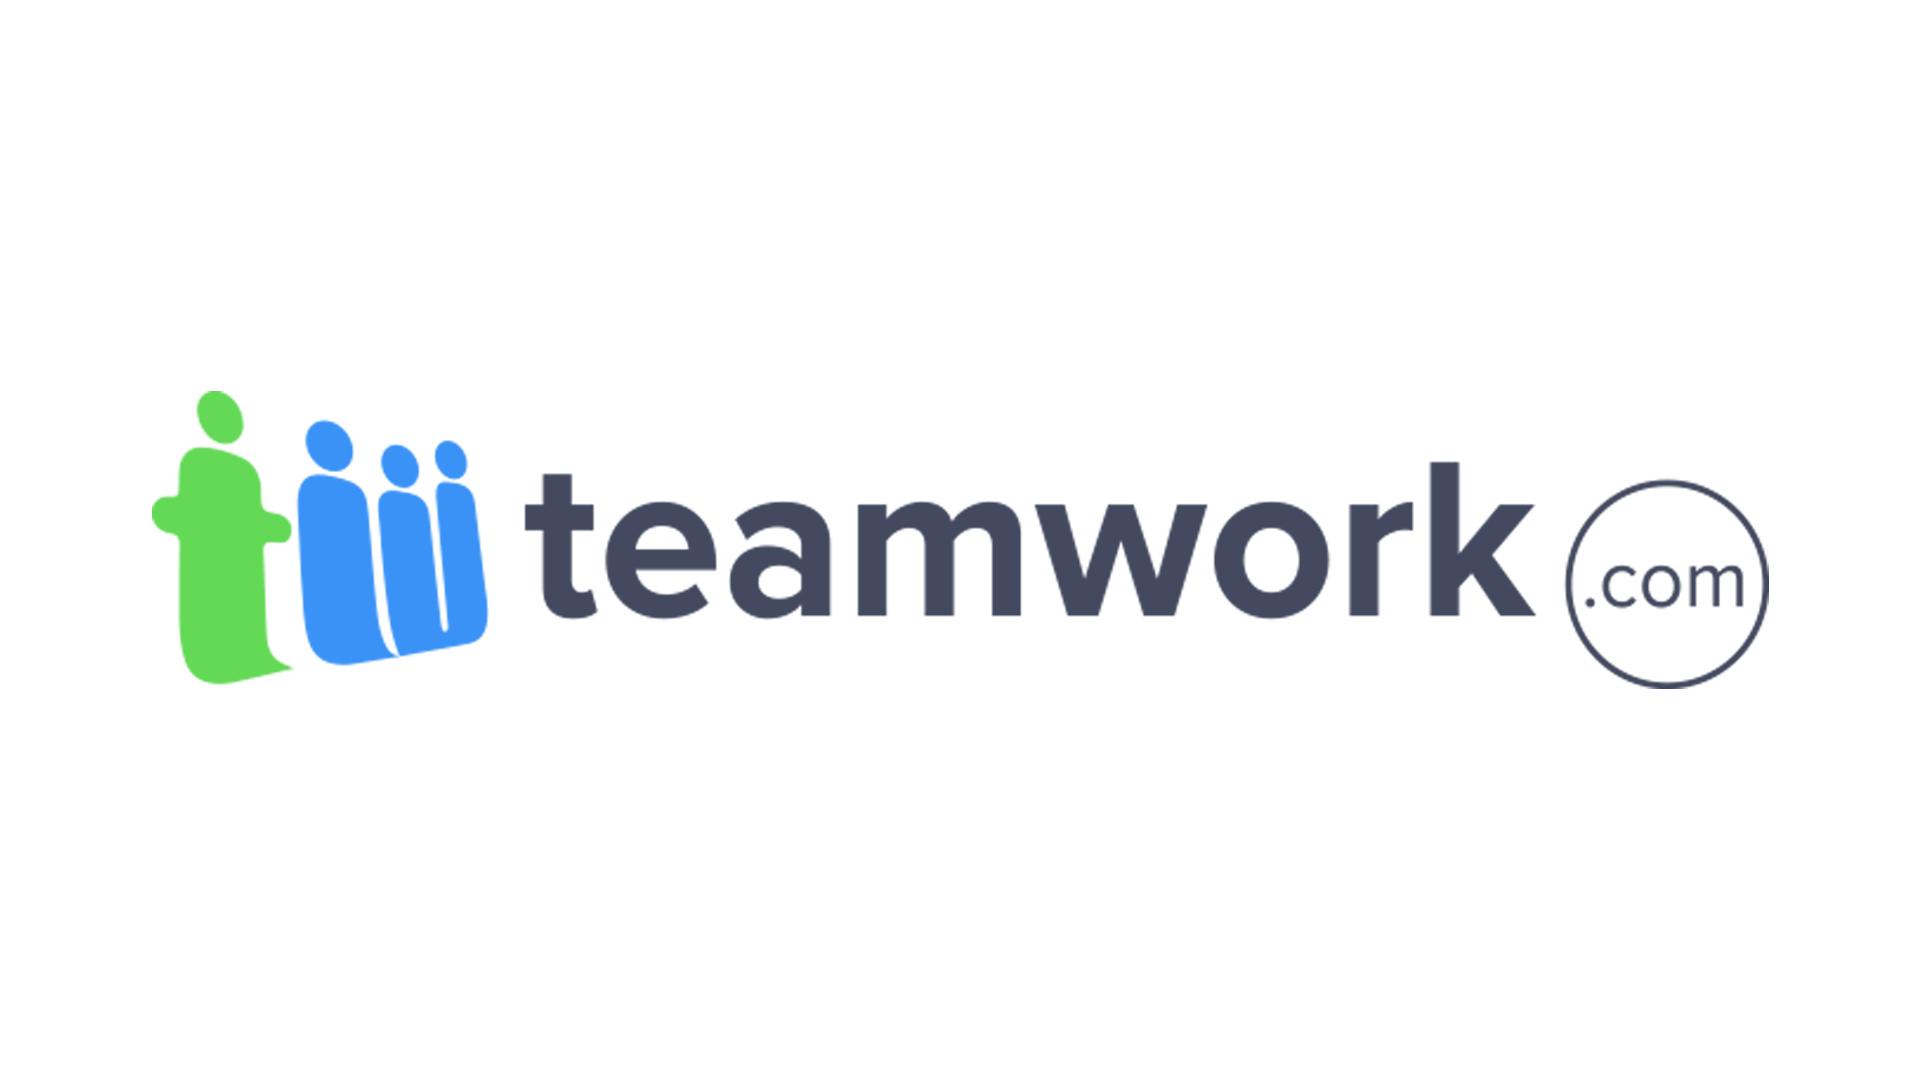 teamwork partner.jpg